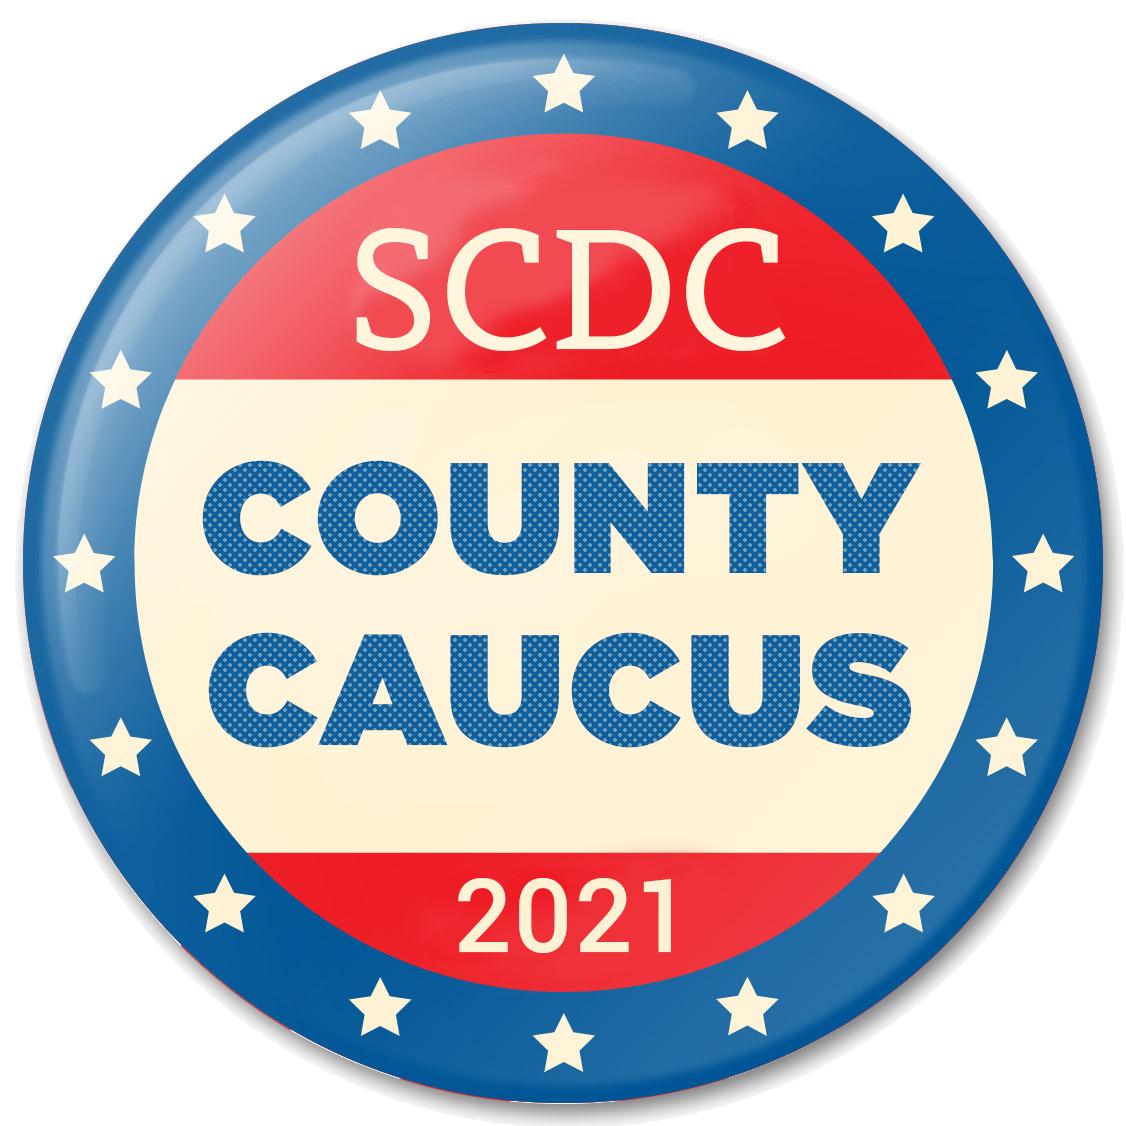 SCDC Caucus Button